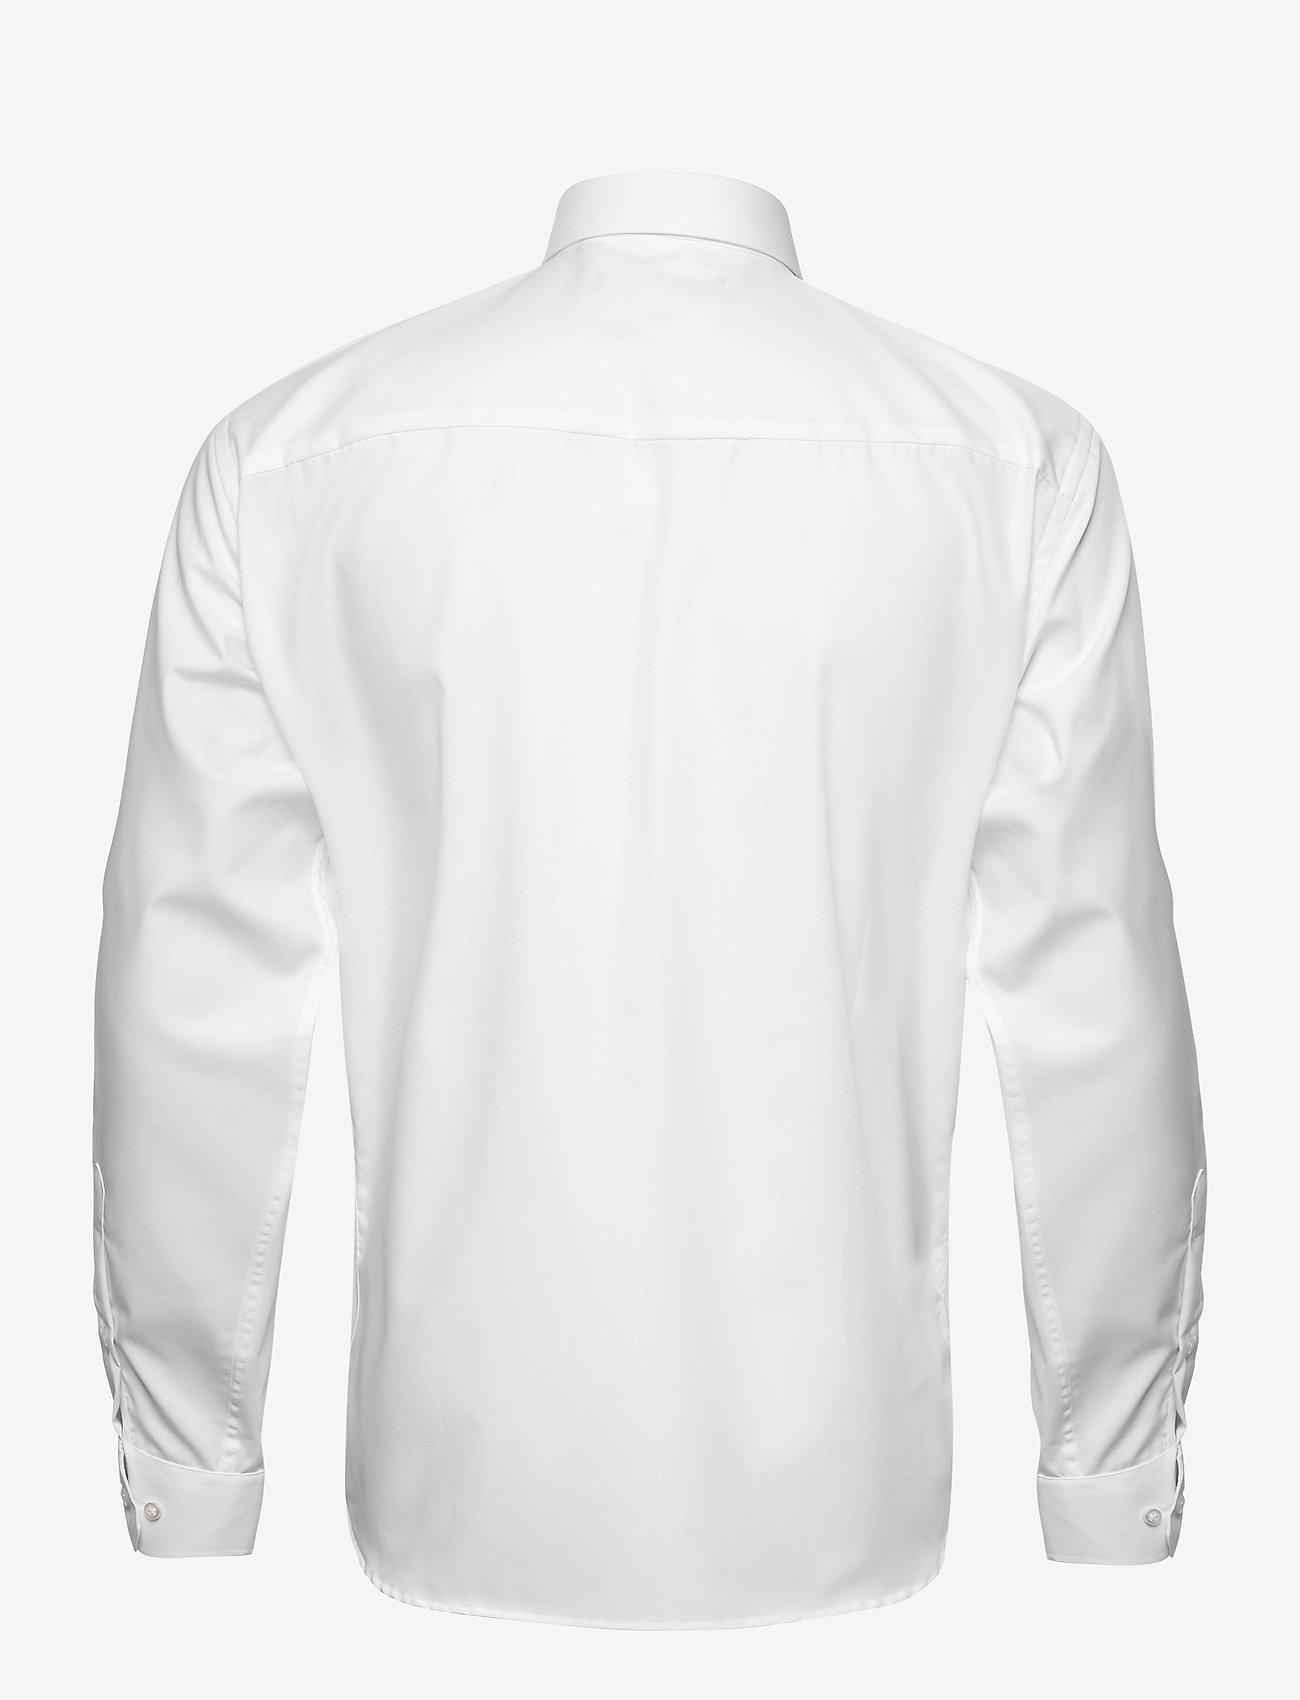 Bosweel Black poplin - Skjorter WHITE - Menn Klær